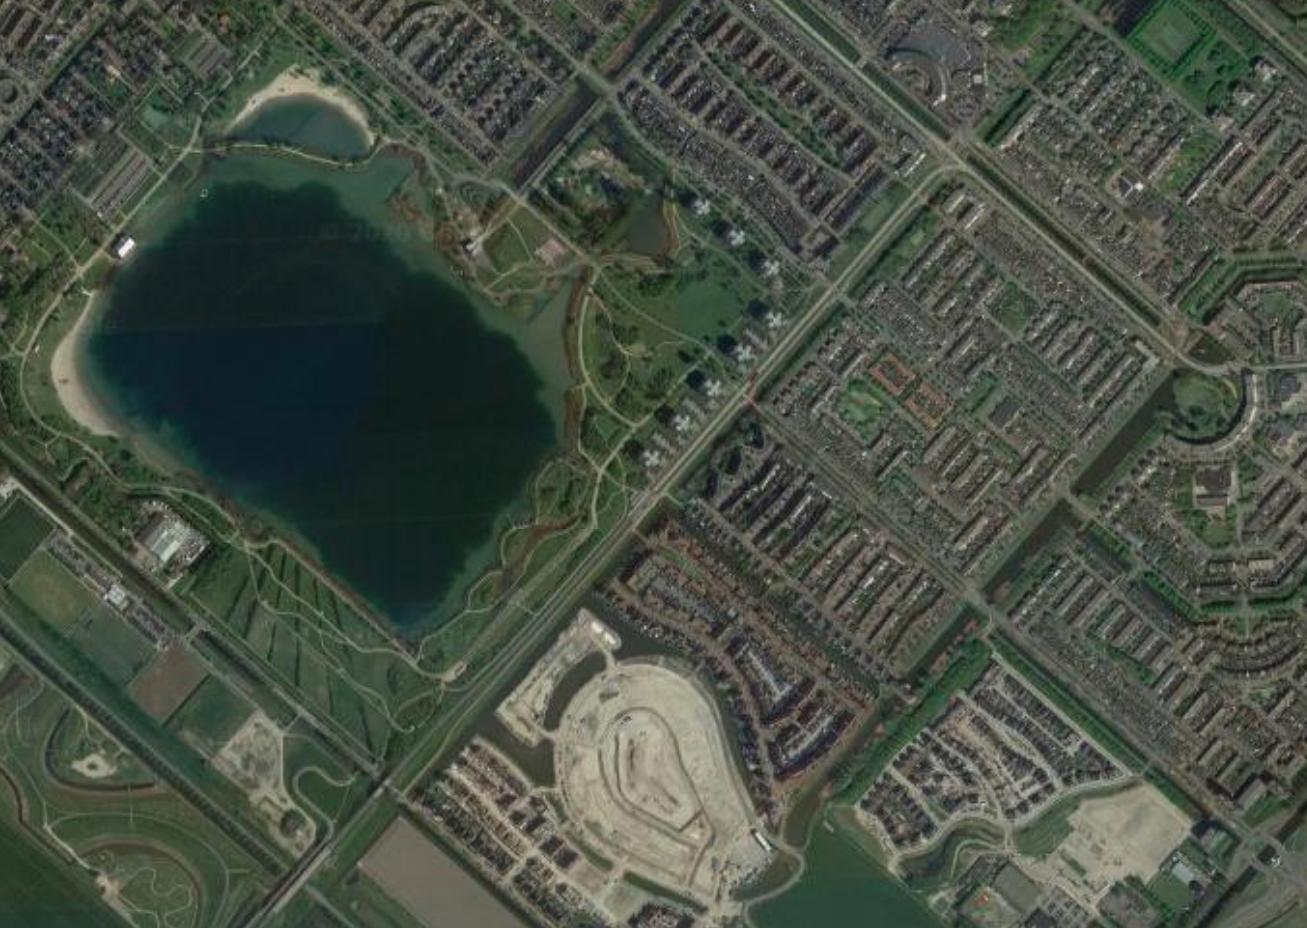 Pad rond de Toolenburgerplas in Hoofddorp wordt verbreed, meer ruimte voor sportieve recreanten